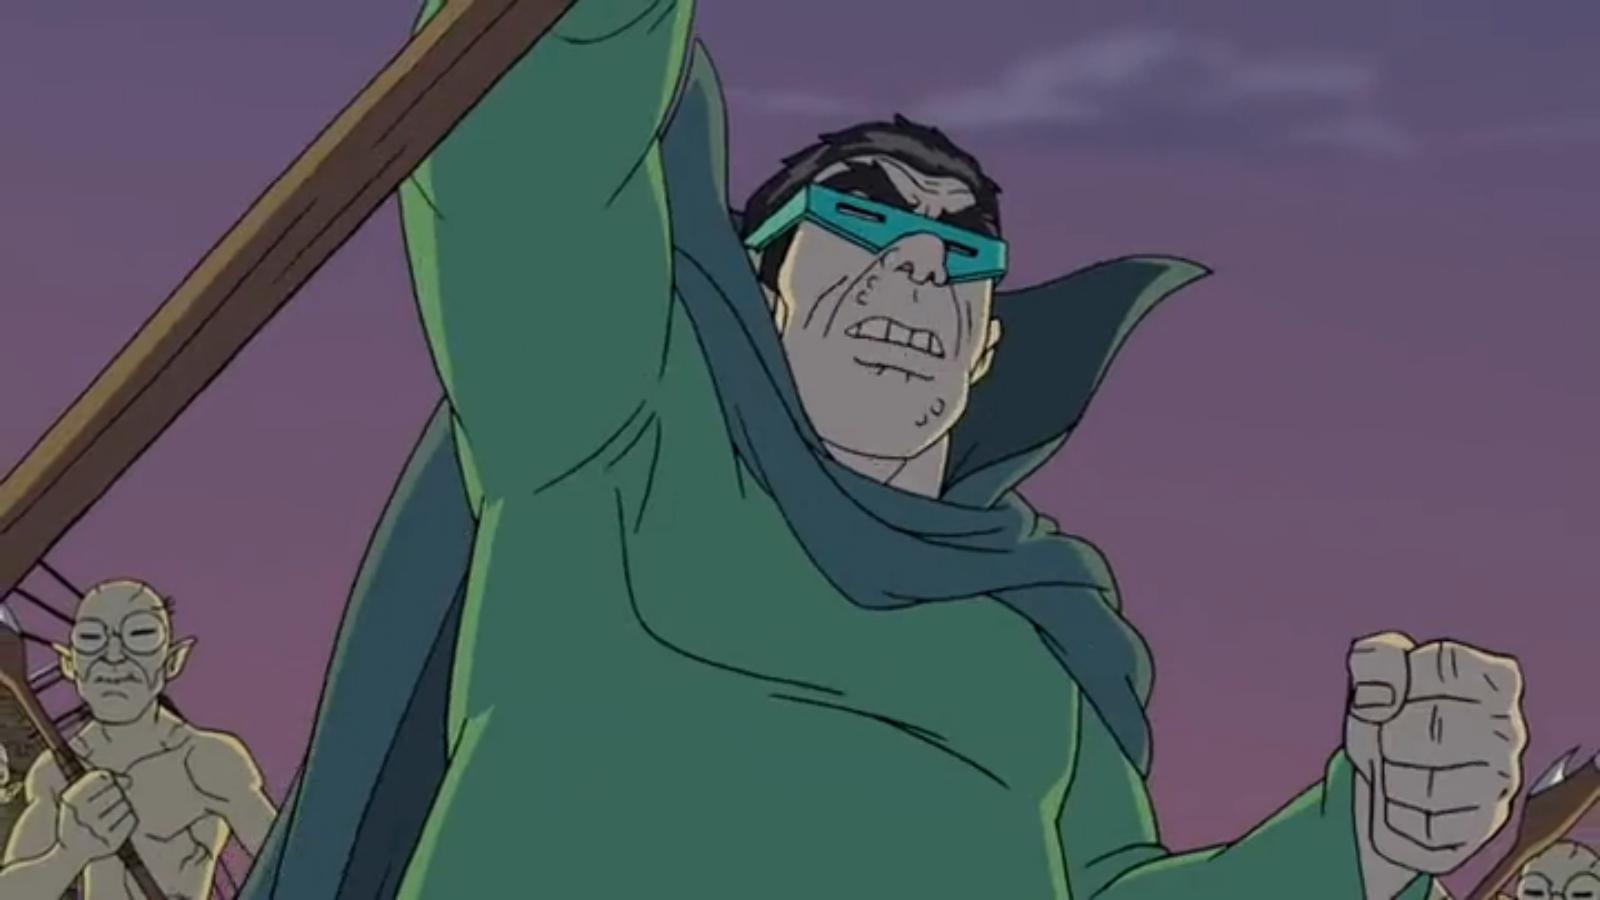 Mole Man | Hulk and the Agents of S.M.A.S.H. Wiki | Fandom fantastic four villains